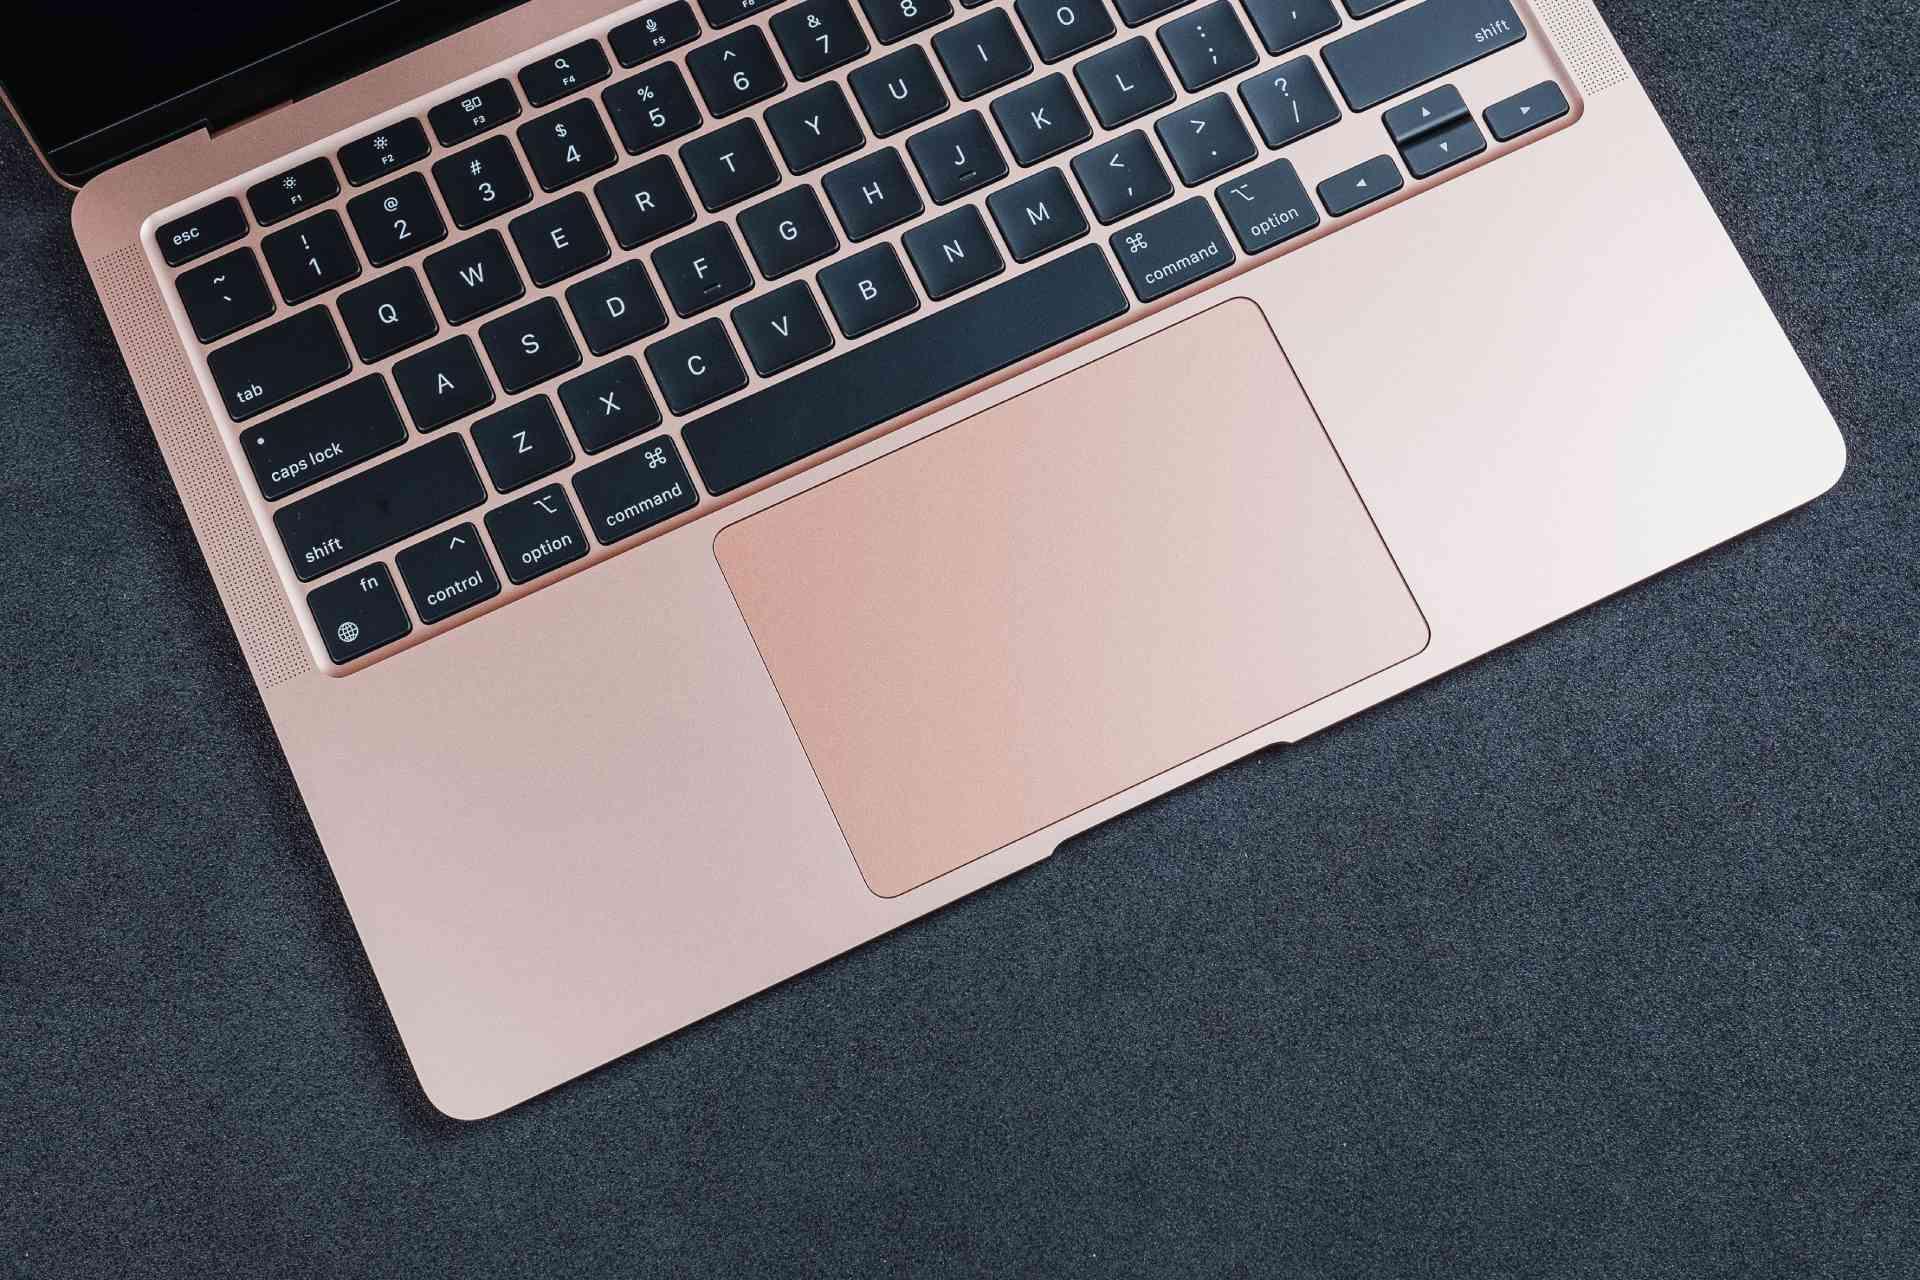 Foto do MacBook Air M1 com foco no trackpad e teclado